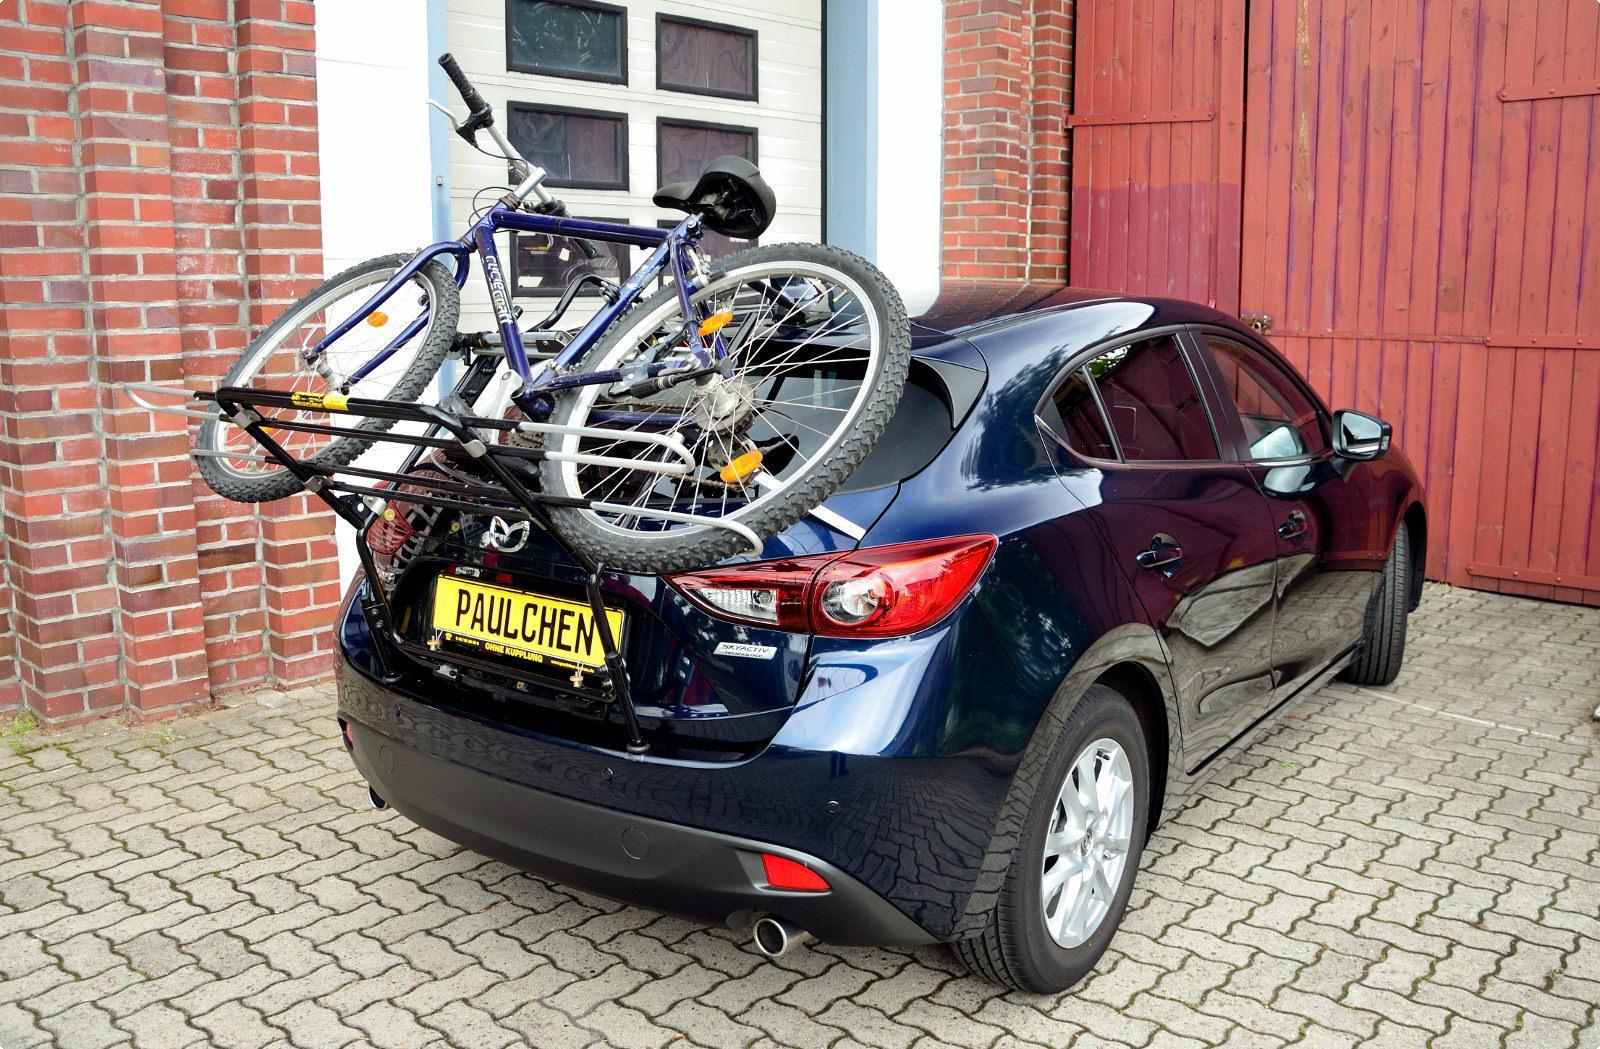 Bike Rack For Mazda 3 Bm Paulchen Hecktrager System